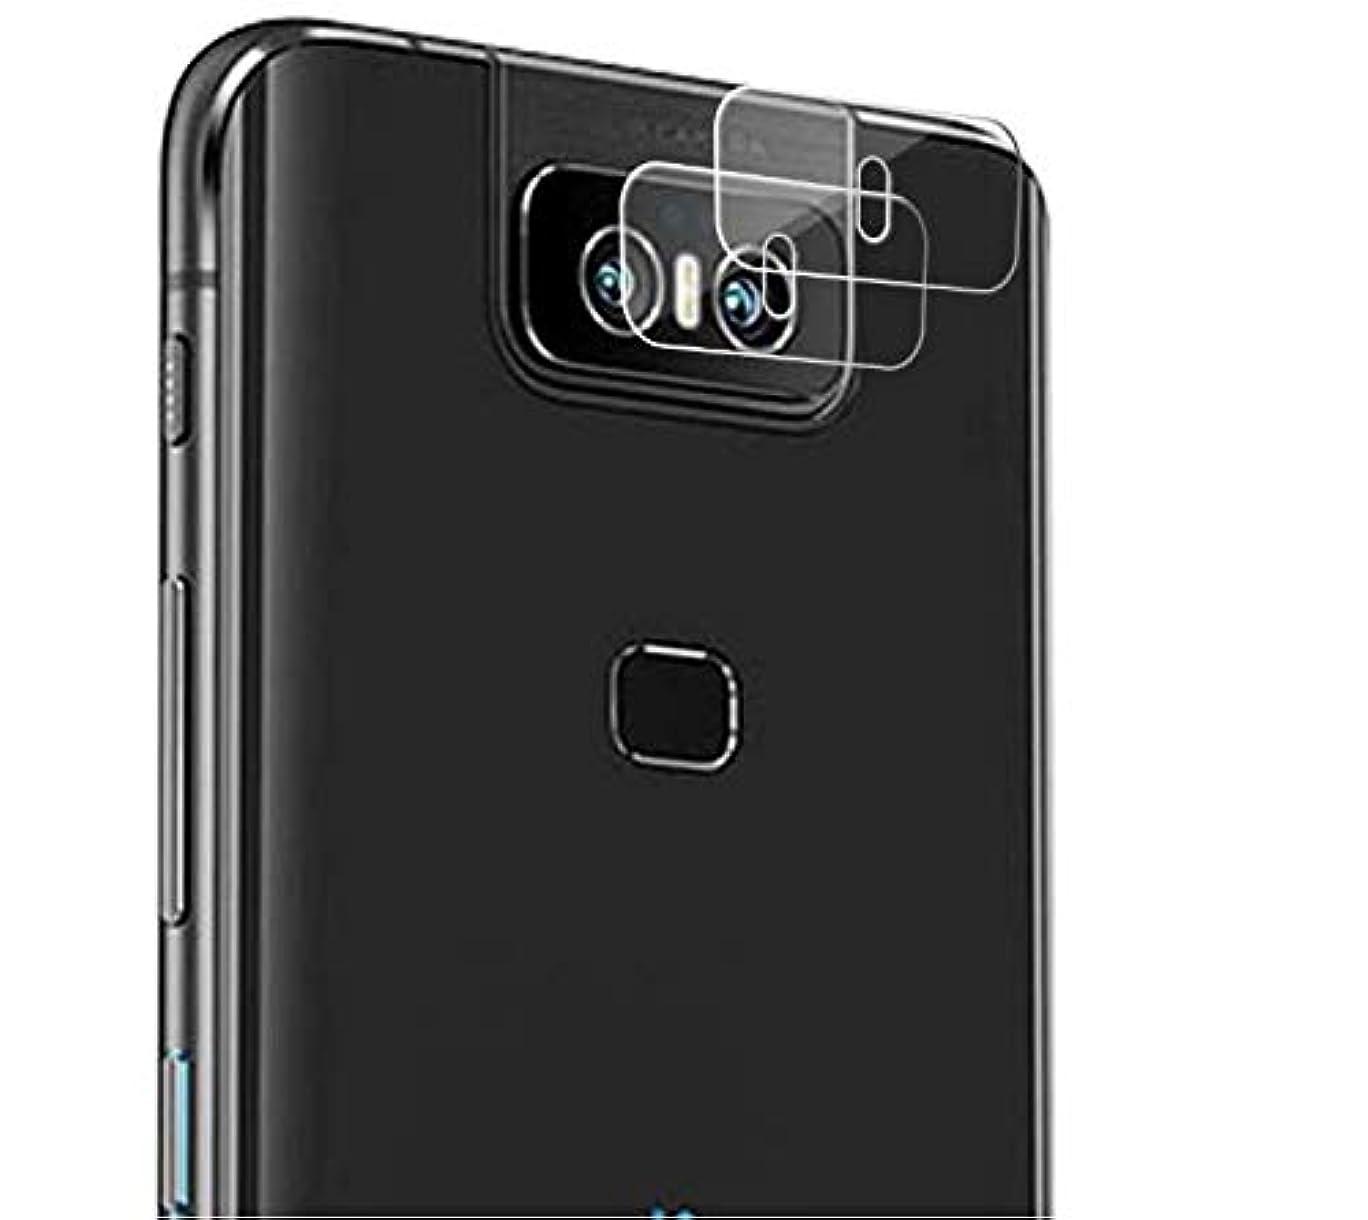 移民試してみるモートSHINE ZONE ZenFone 5 フ ィルム【2枚セット】ZenFone 5カメラフィルム 高硬度の液晶保護 超薄型 ZenFone 6 レンズ 保護フィルム ASUS ZenFone 5 対応